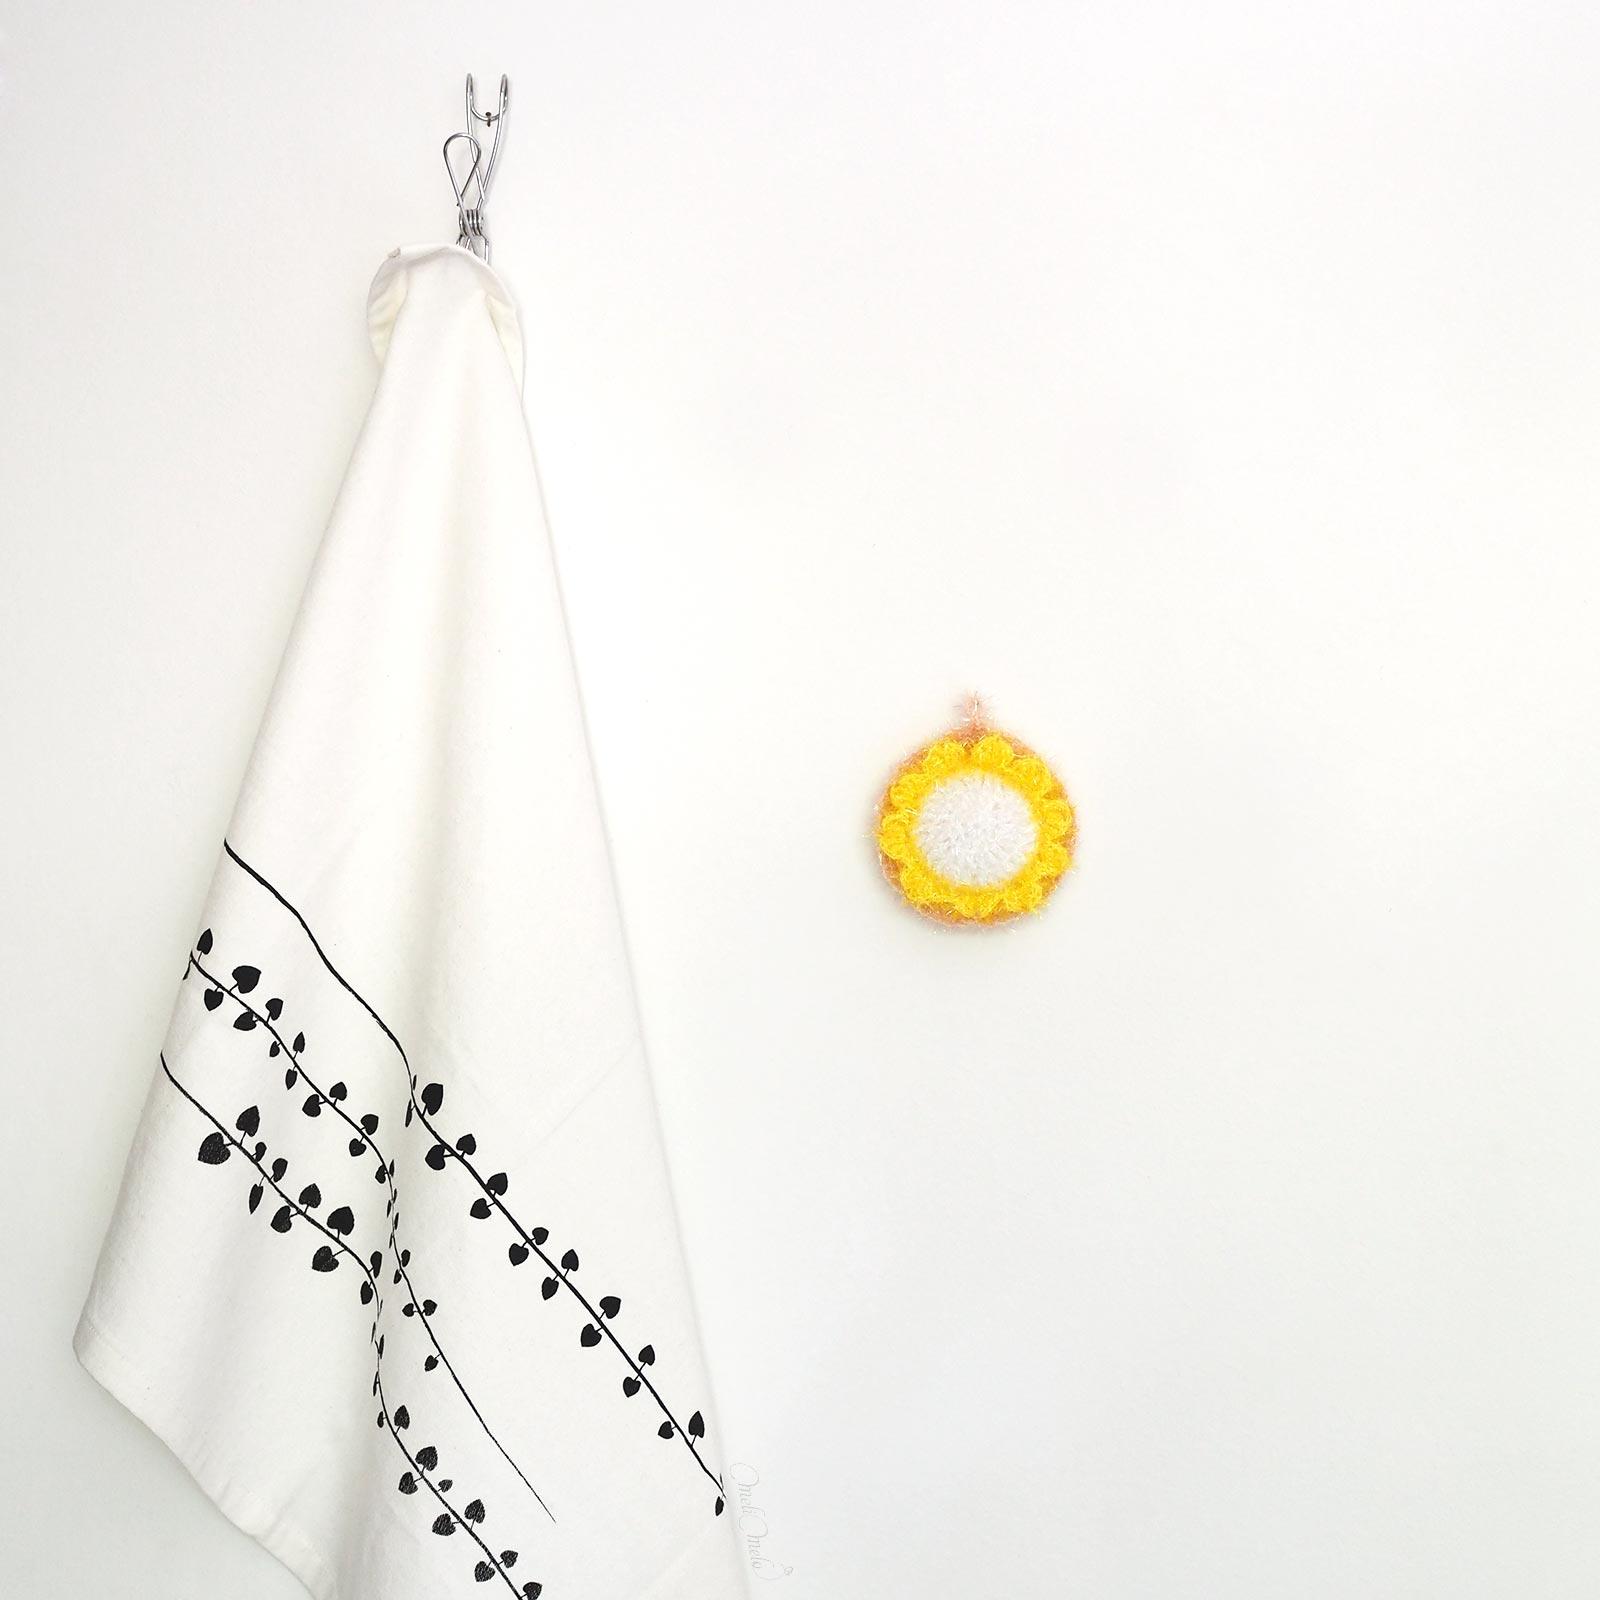 Éponge Tawashi vaisselle ou corps pâquerette creative bubble rico design laboutiquedemelimelo